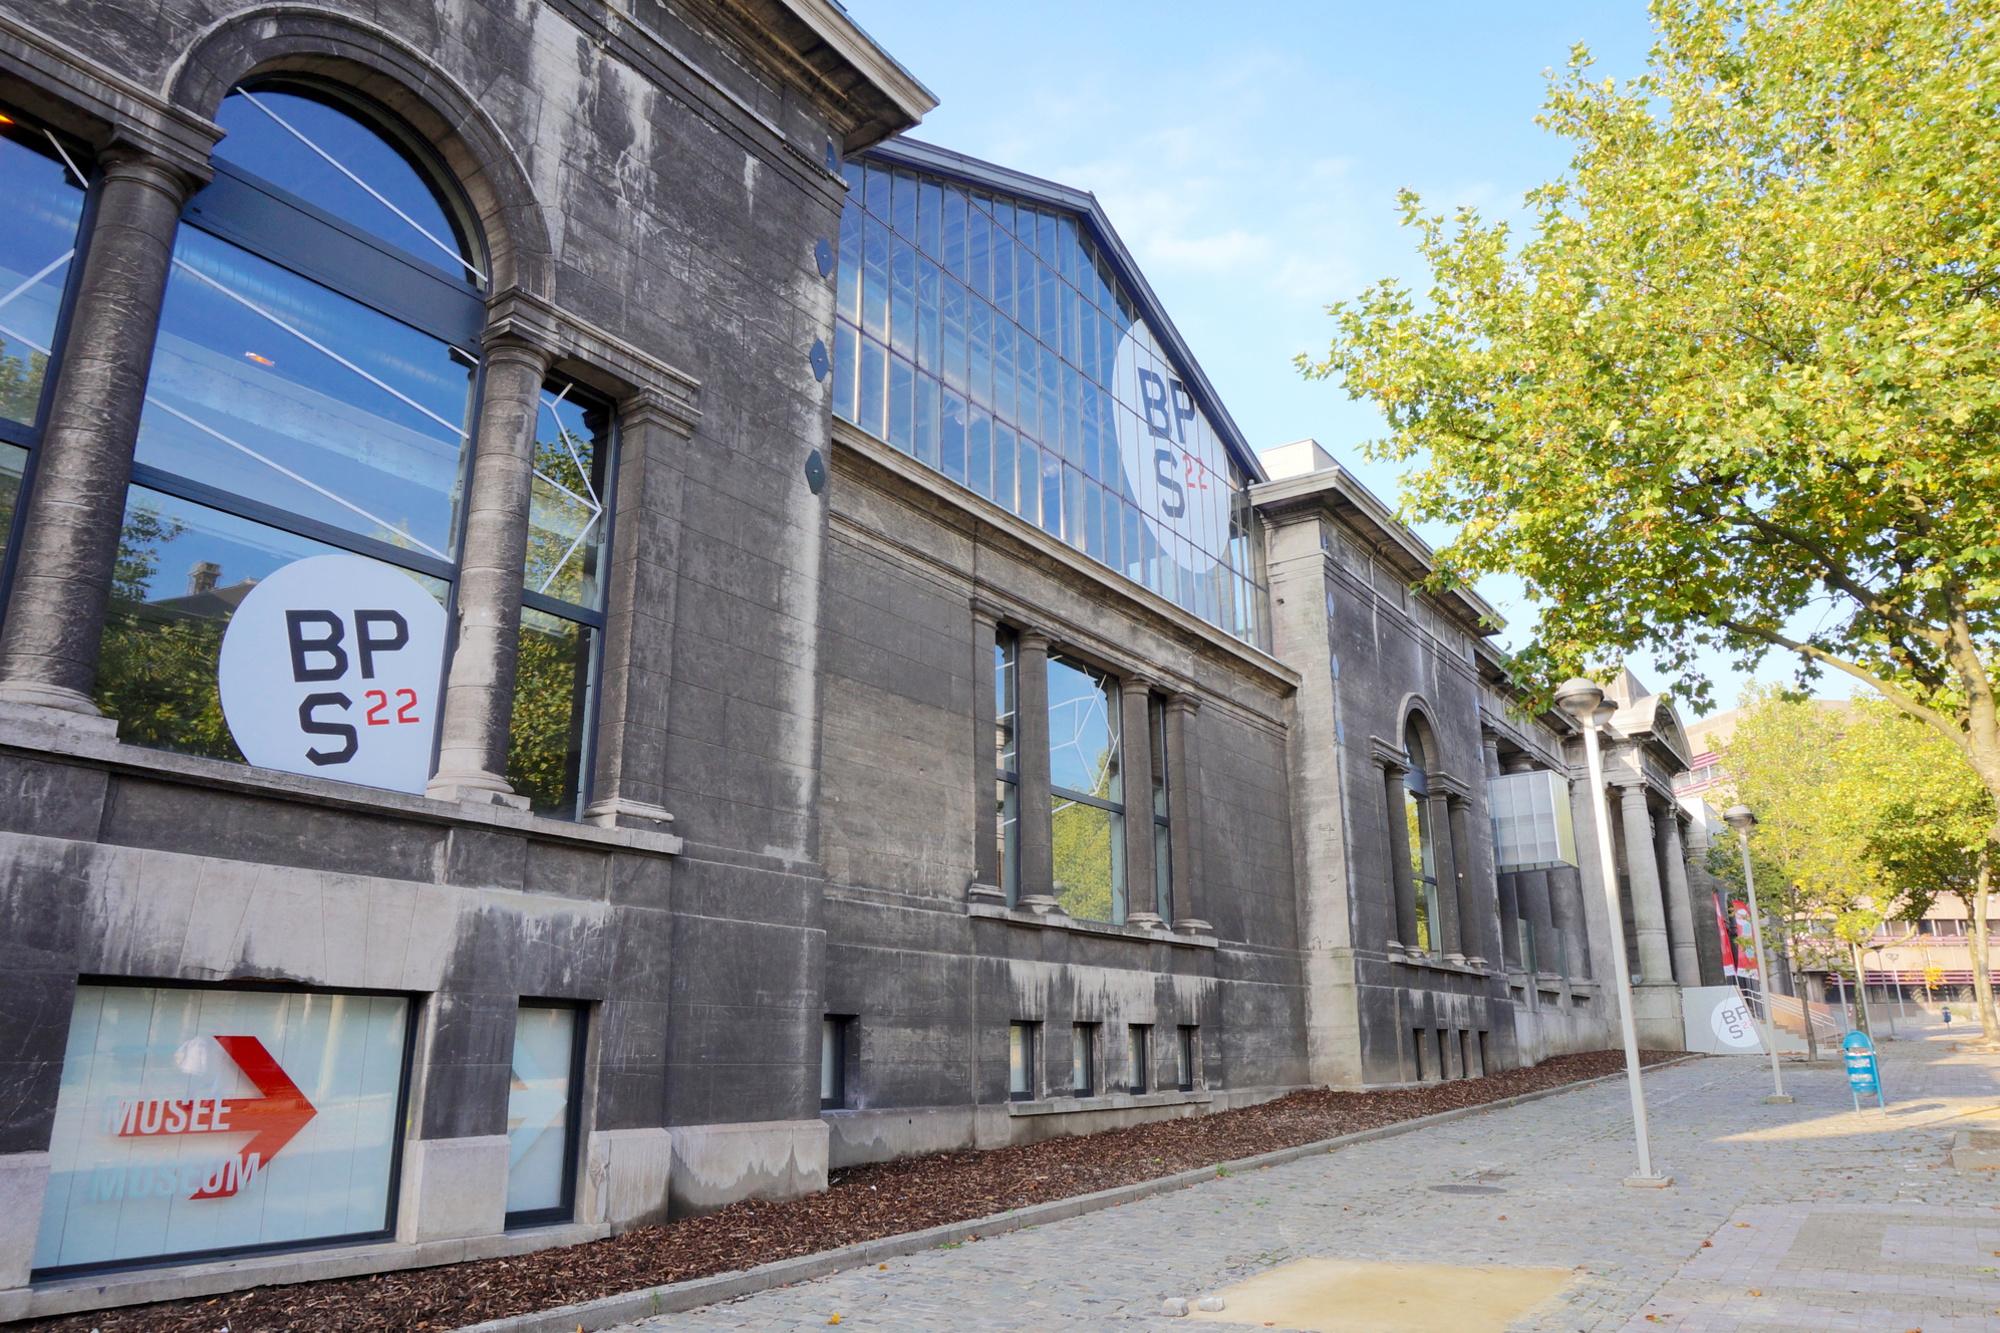 BPS22 Musée d'art de la Province de Hainaut, BPS22 - Fabien DR